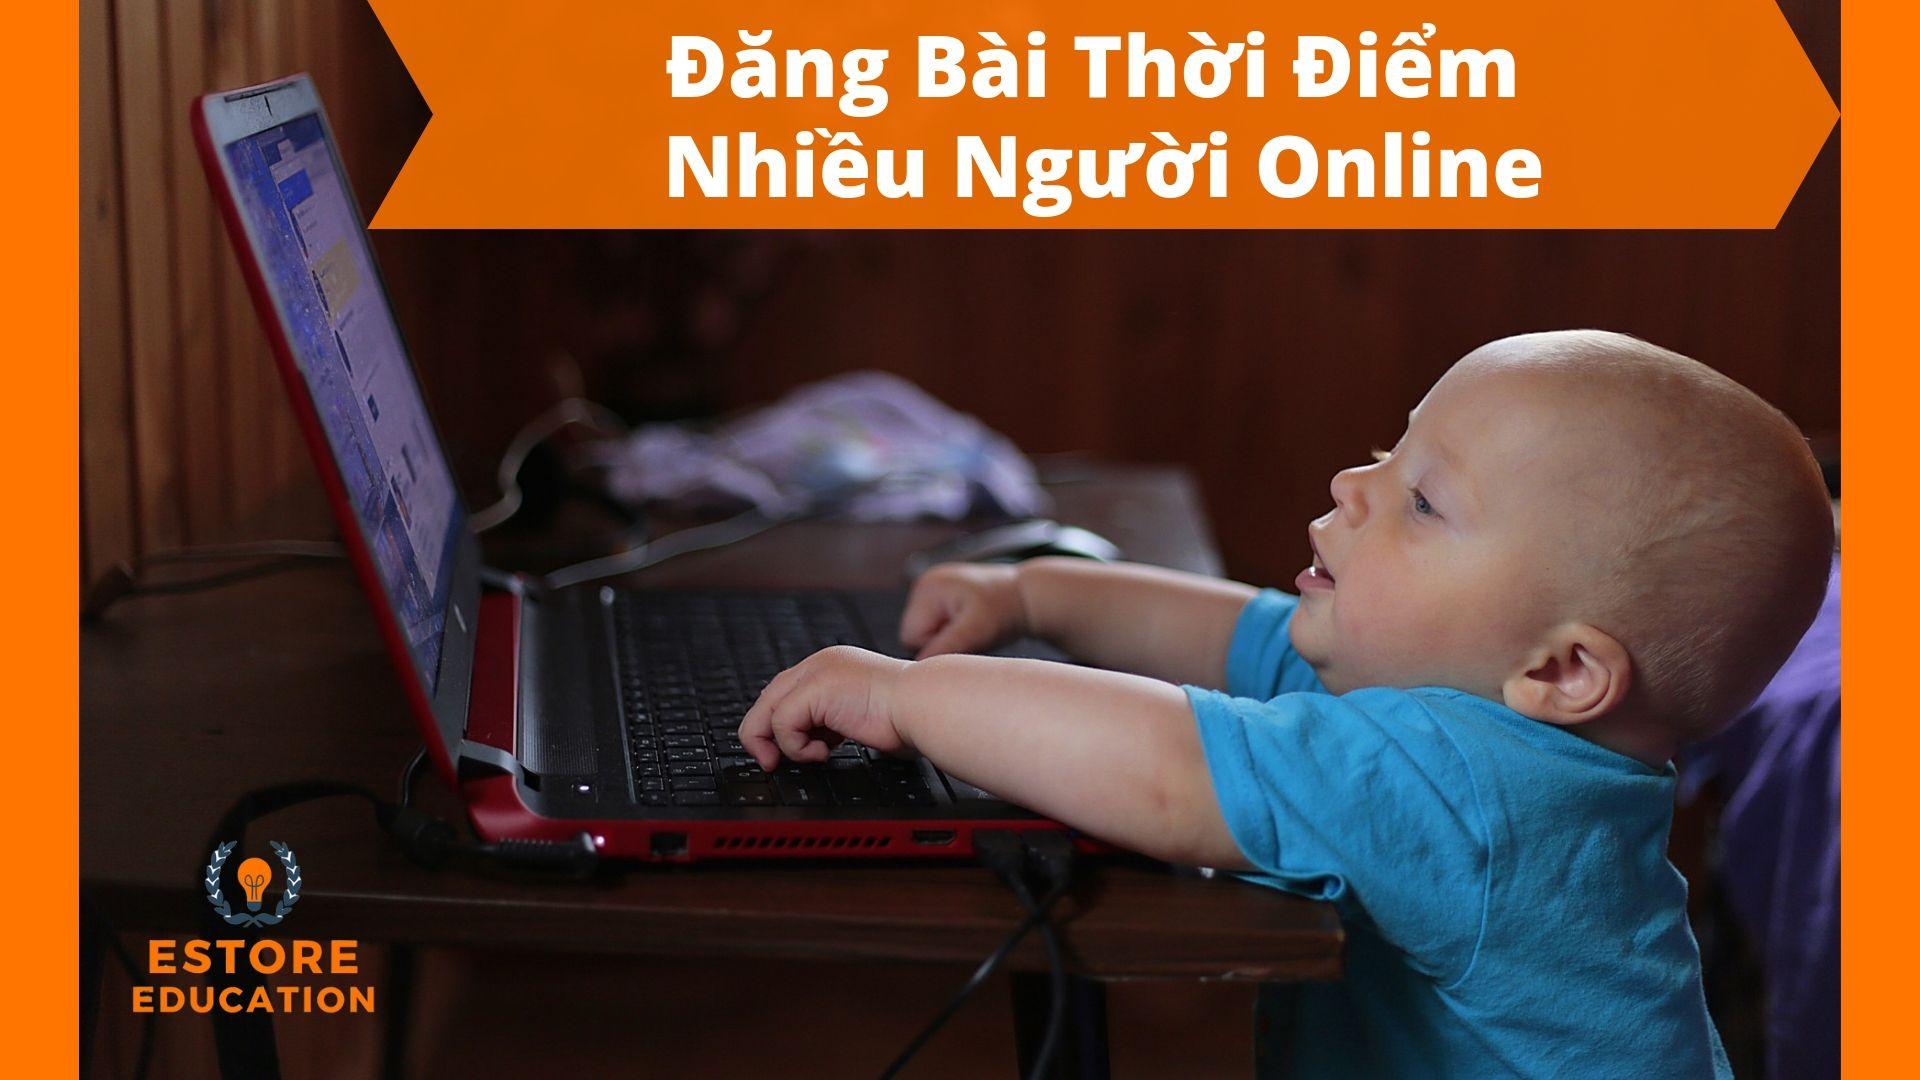 Đăng bài giờ nhiều người online để tăng tương tác